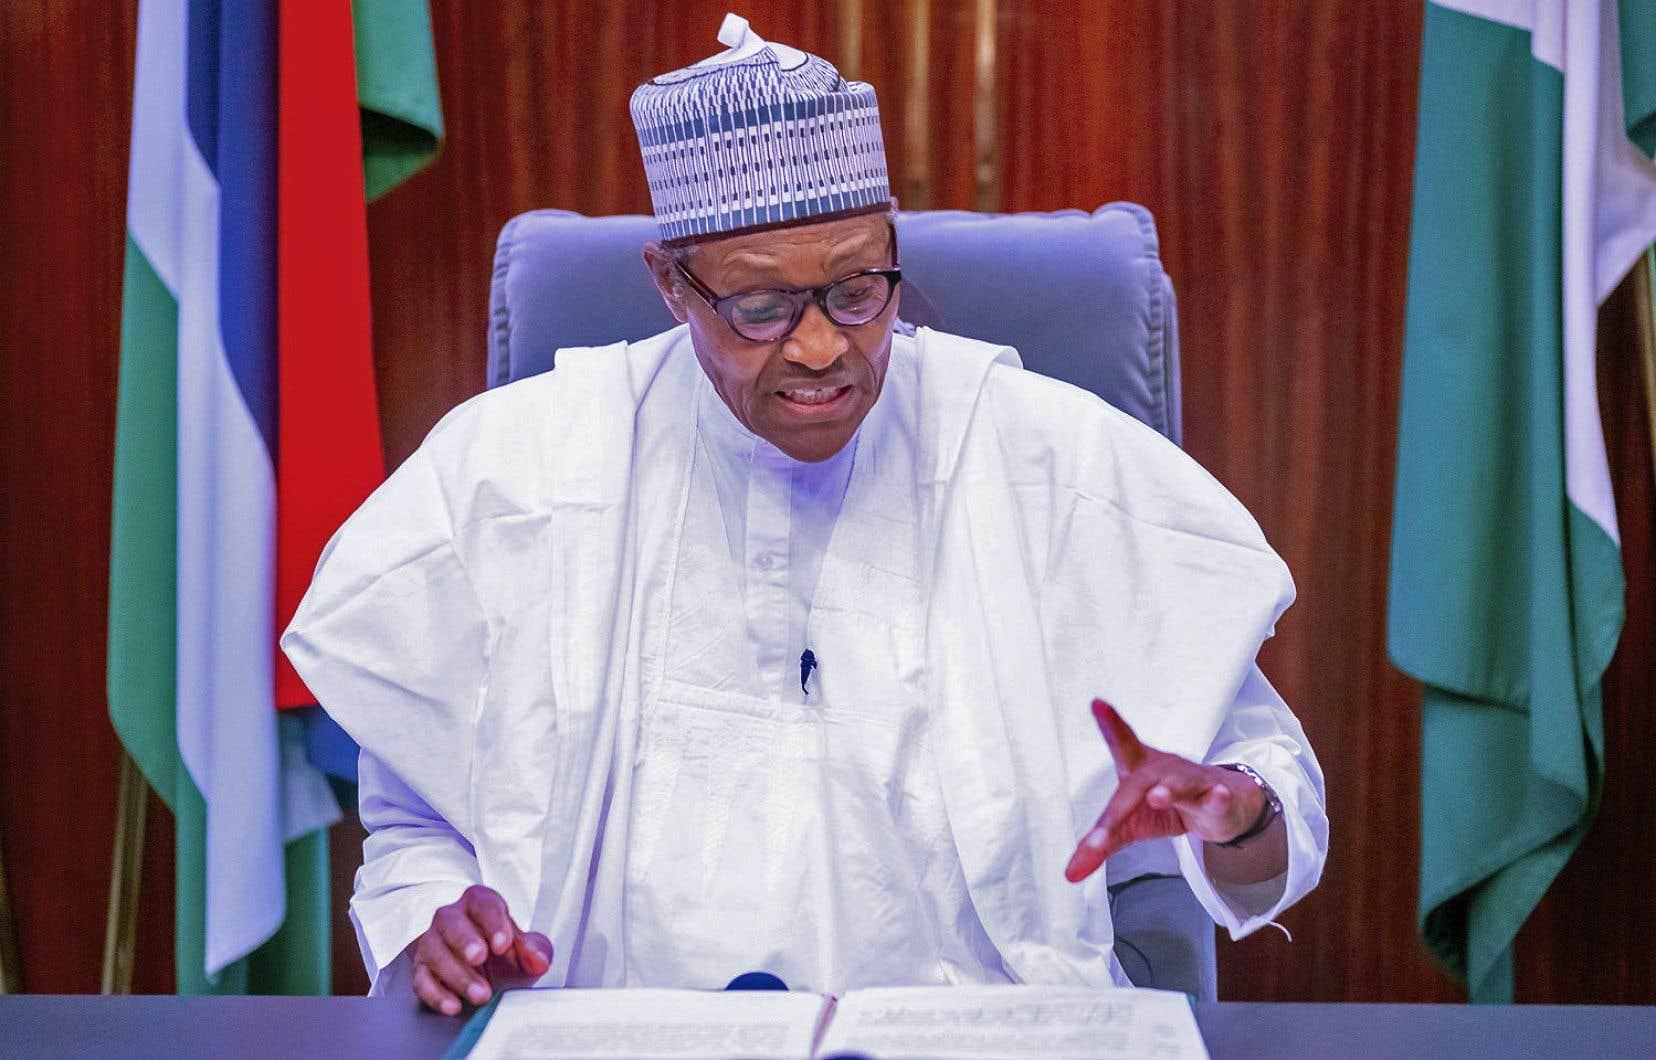 Dans un discours très attendu, Muhammadu Buhari s'est montré intransigeant jeudi face au soulèvement populaire qui frappe son pays.